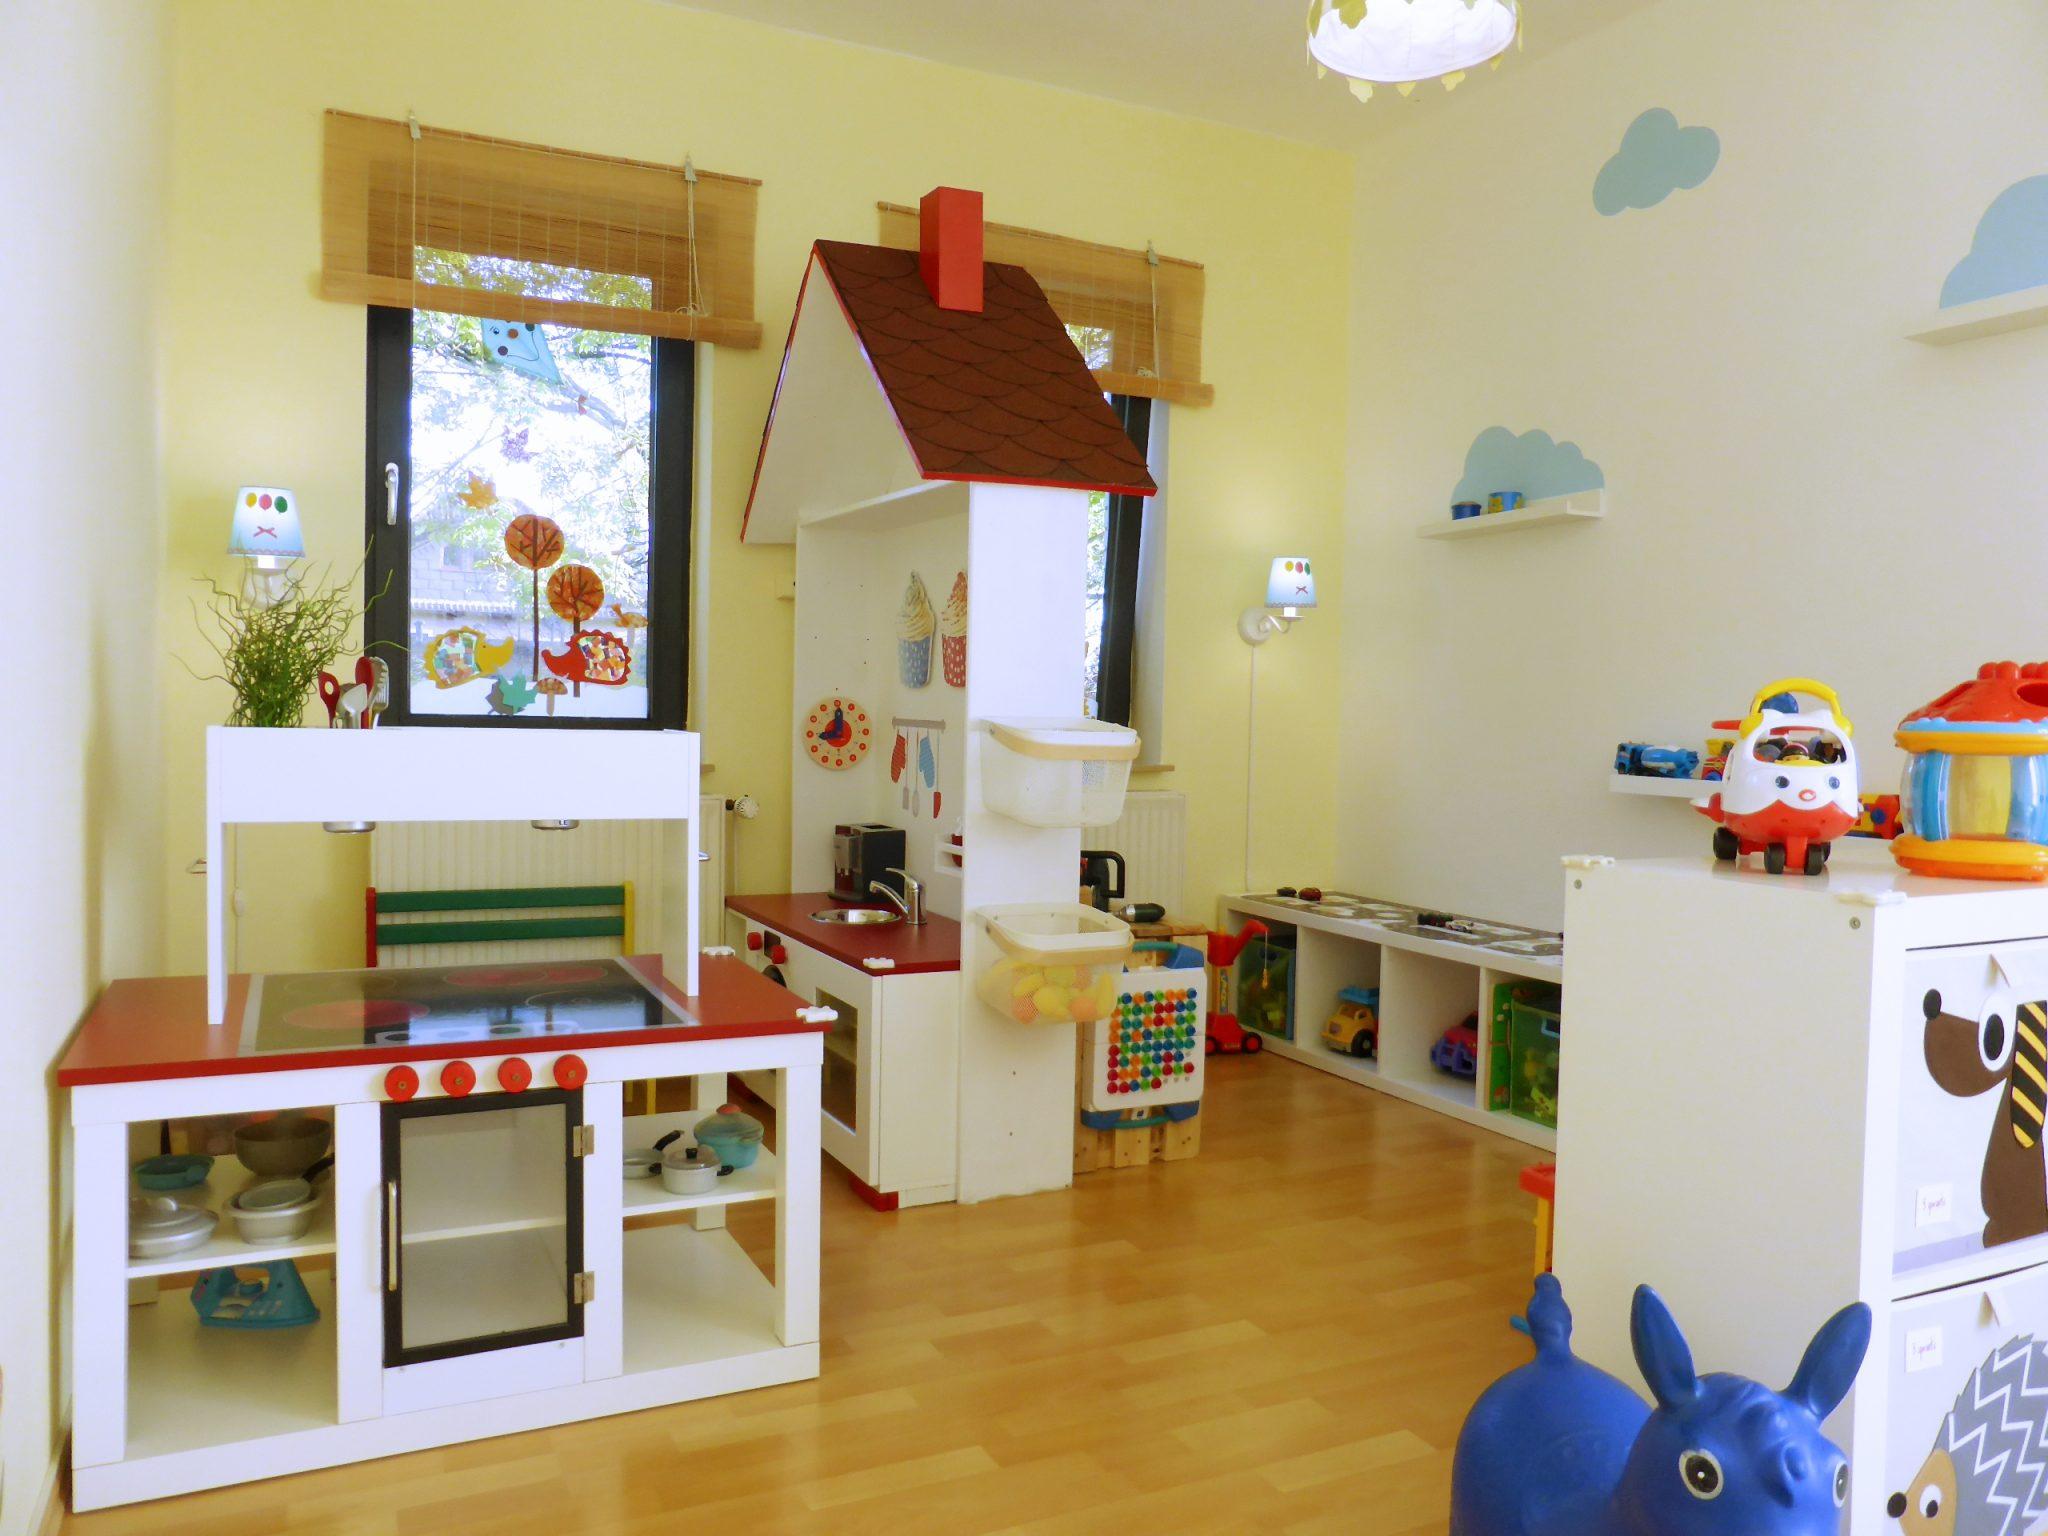 Spielzimmer 24 Kita Kid Zone Kinderbetreuung - Einrichtung